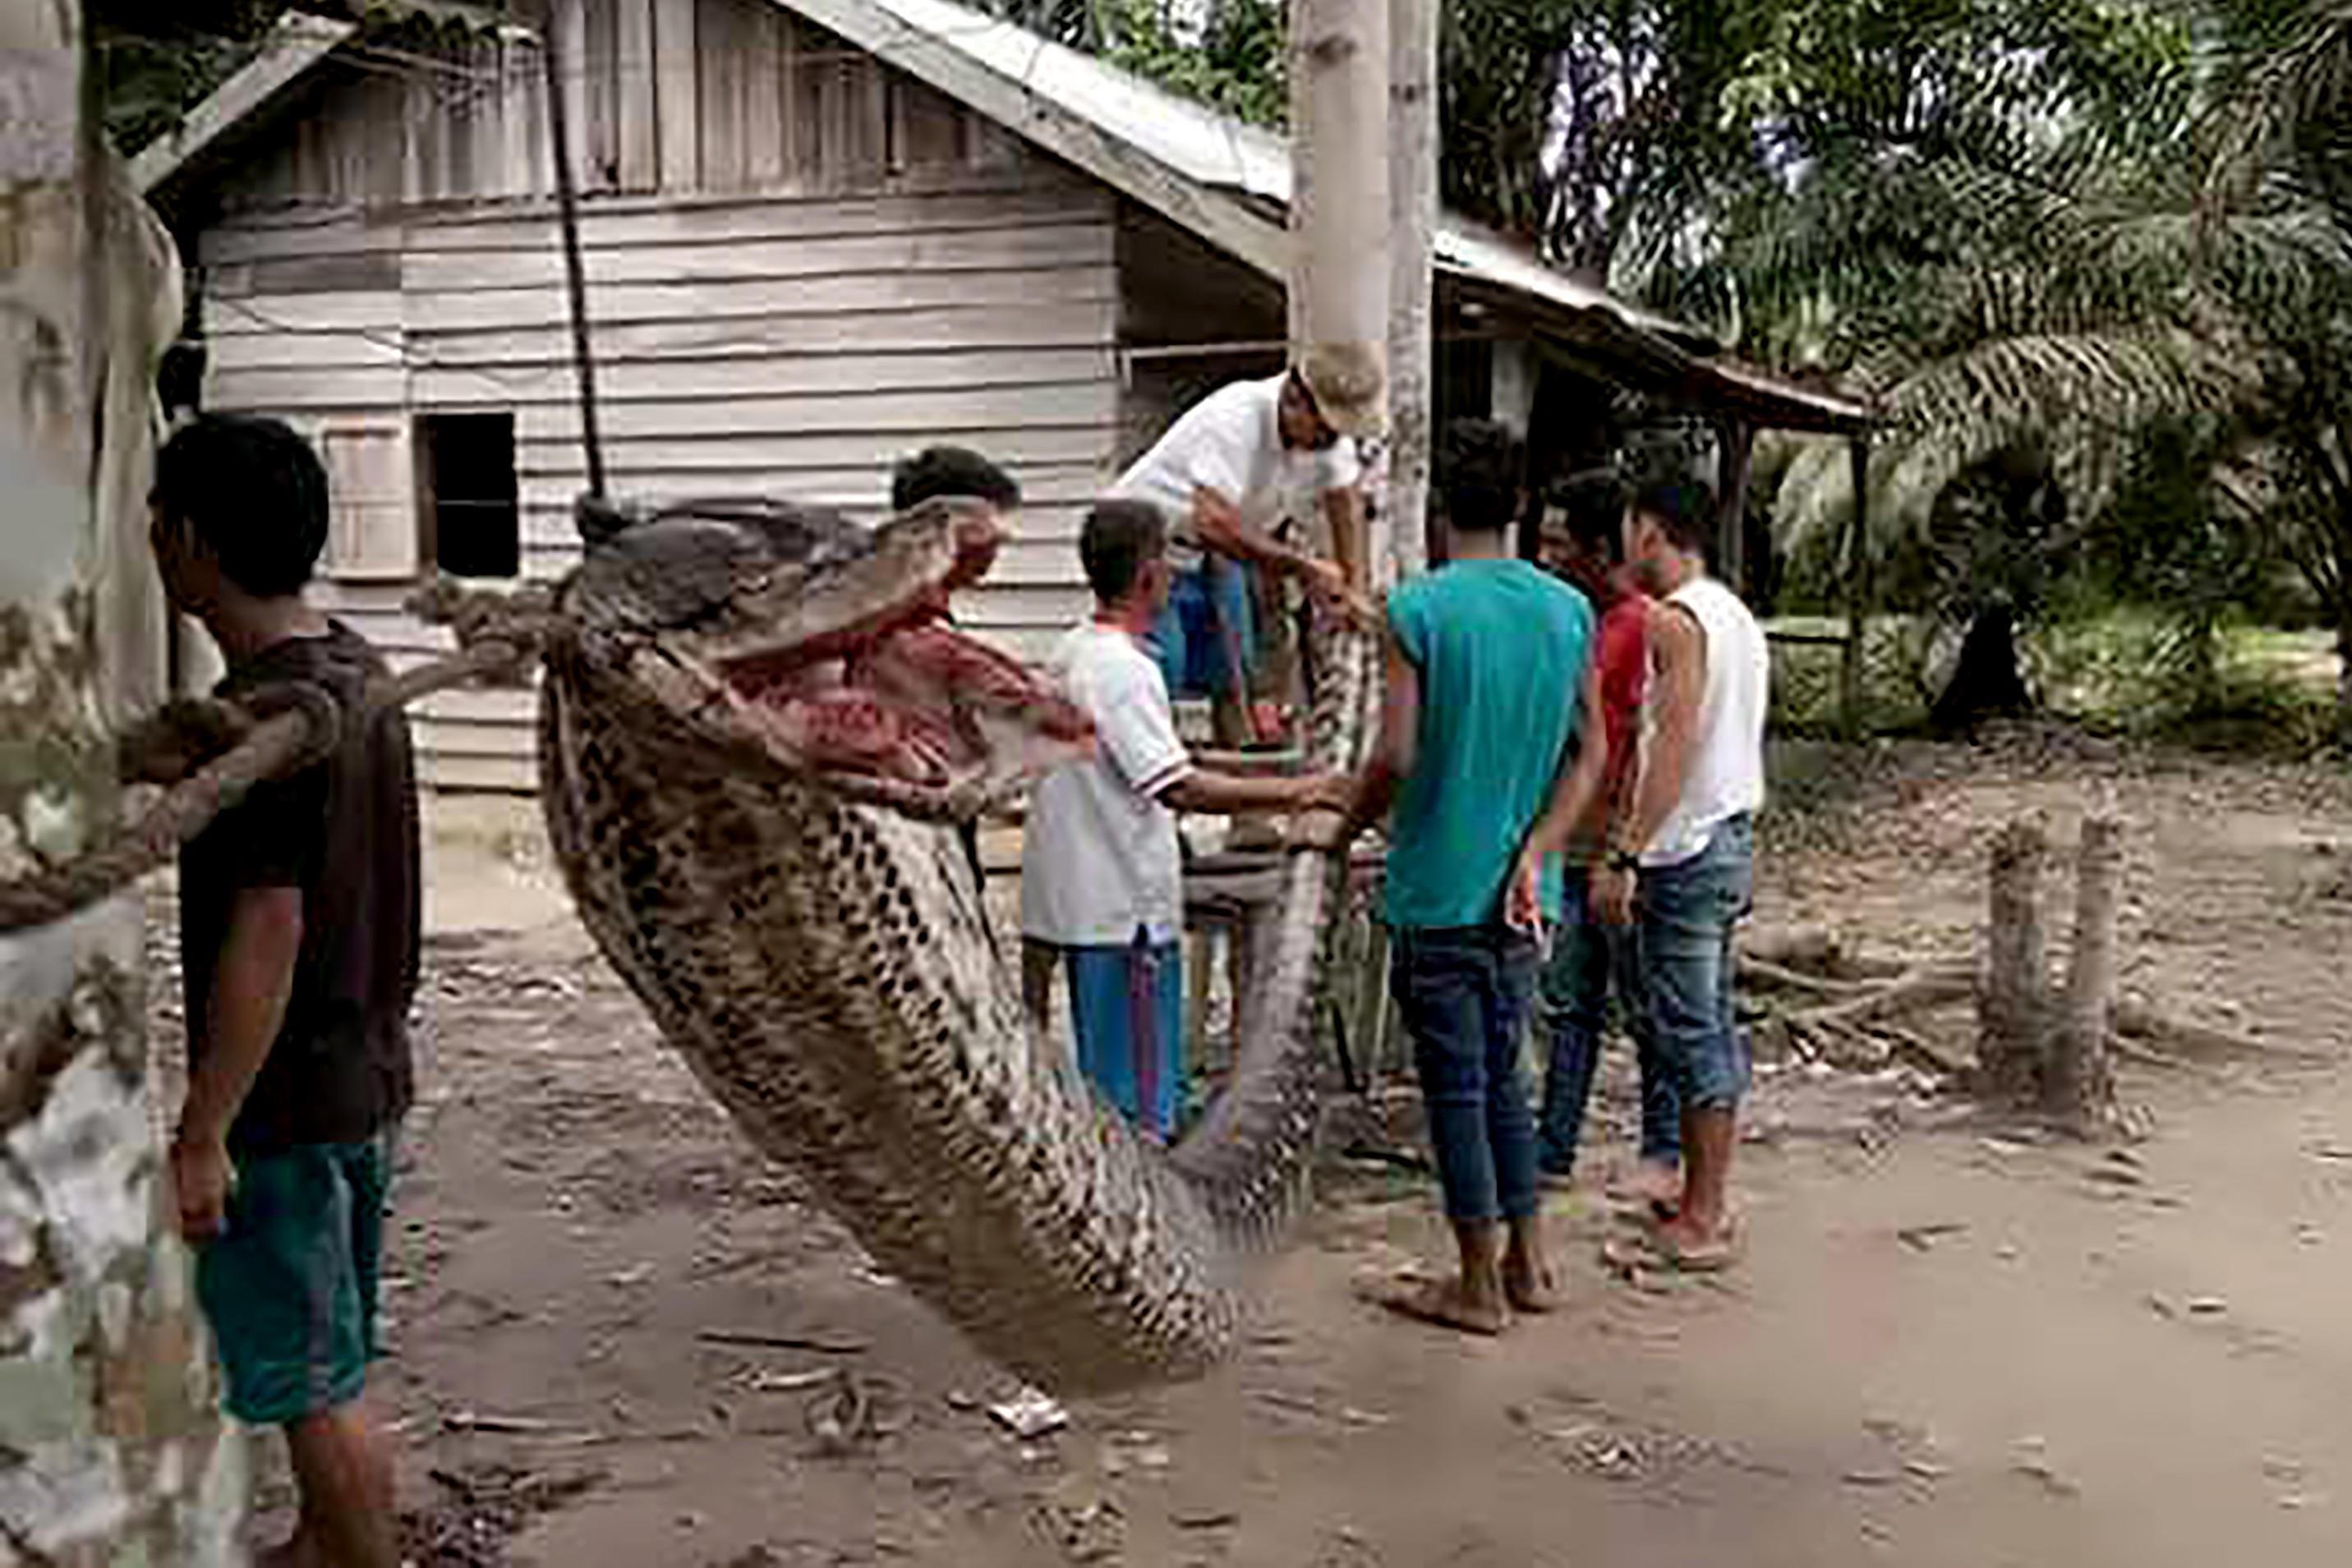 ENORM SLANGE: En syv meter lang pytonslange prøvde seg på den 37 år gamle indonesieren Robert Nababan. Endte opp som middagsmat. Bildet er tatt 30. september og frigitt av politiet i Batang Gansal 4. oktober 2017.